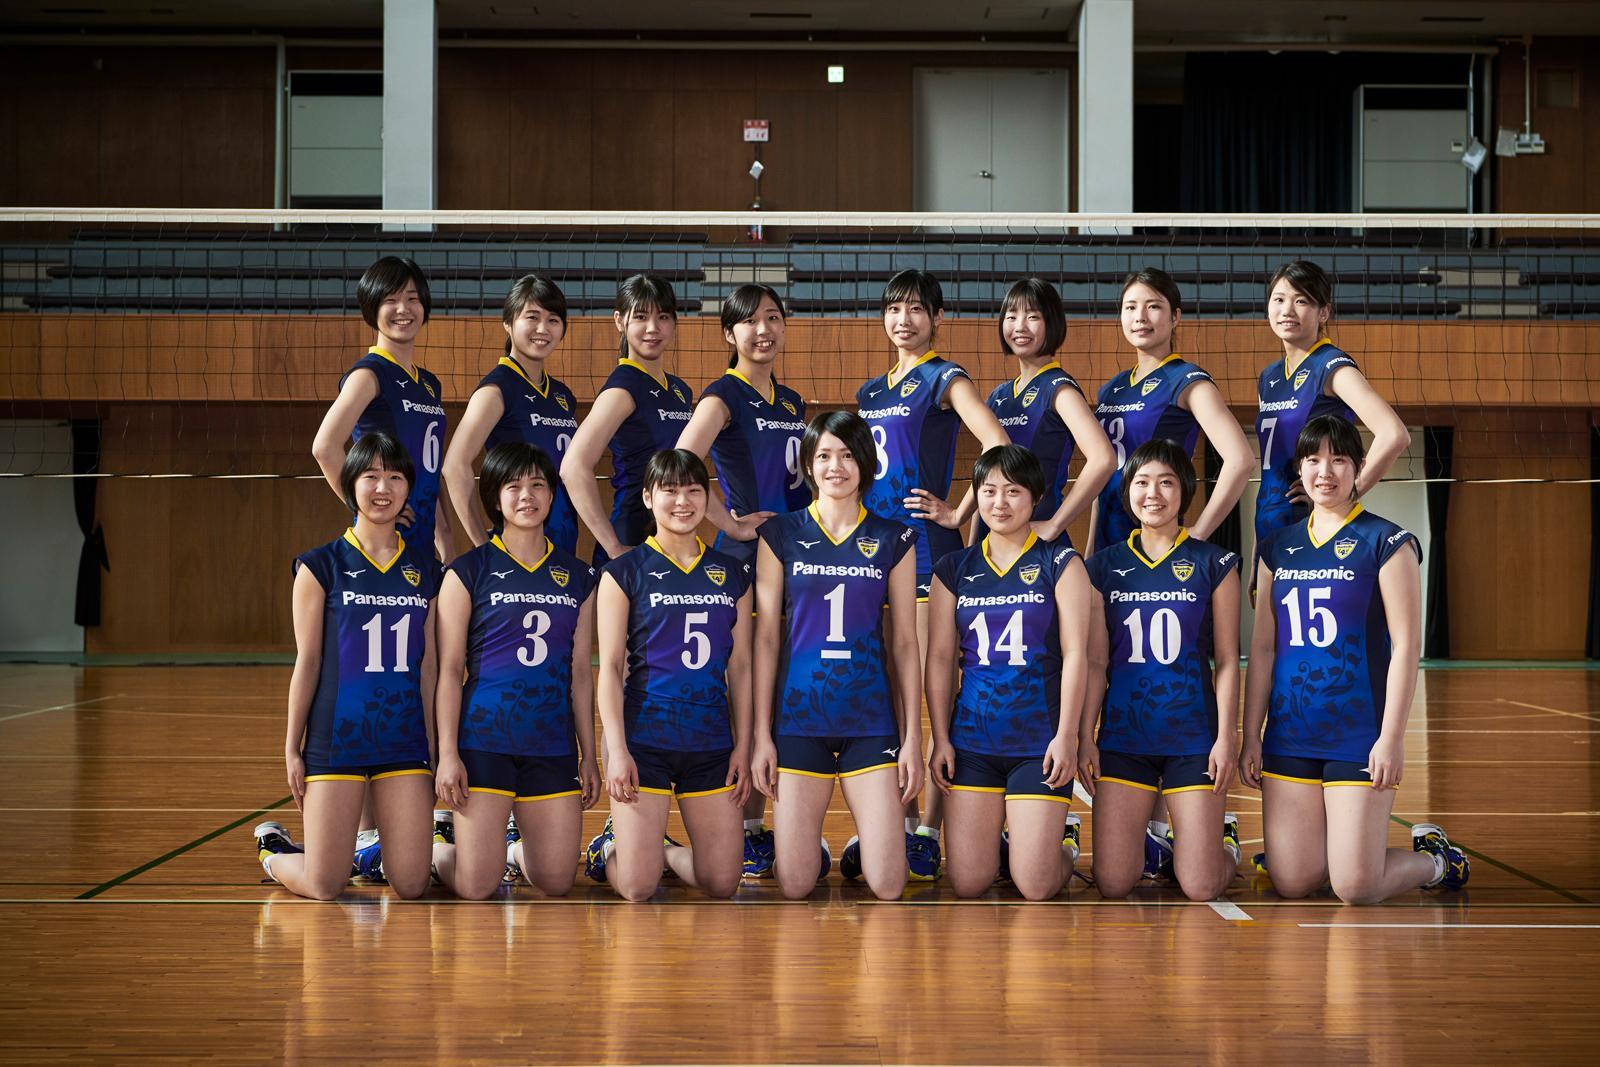 大阪府代表として国体に出場する女子バレーボール部「パナソニック ブルーベルズ」